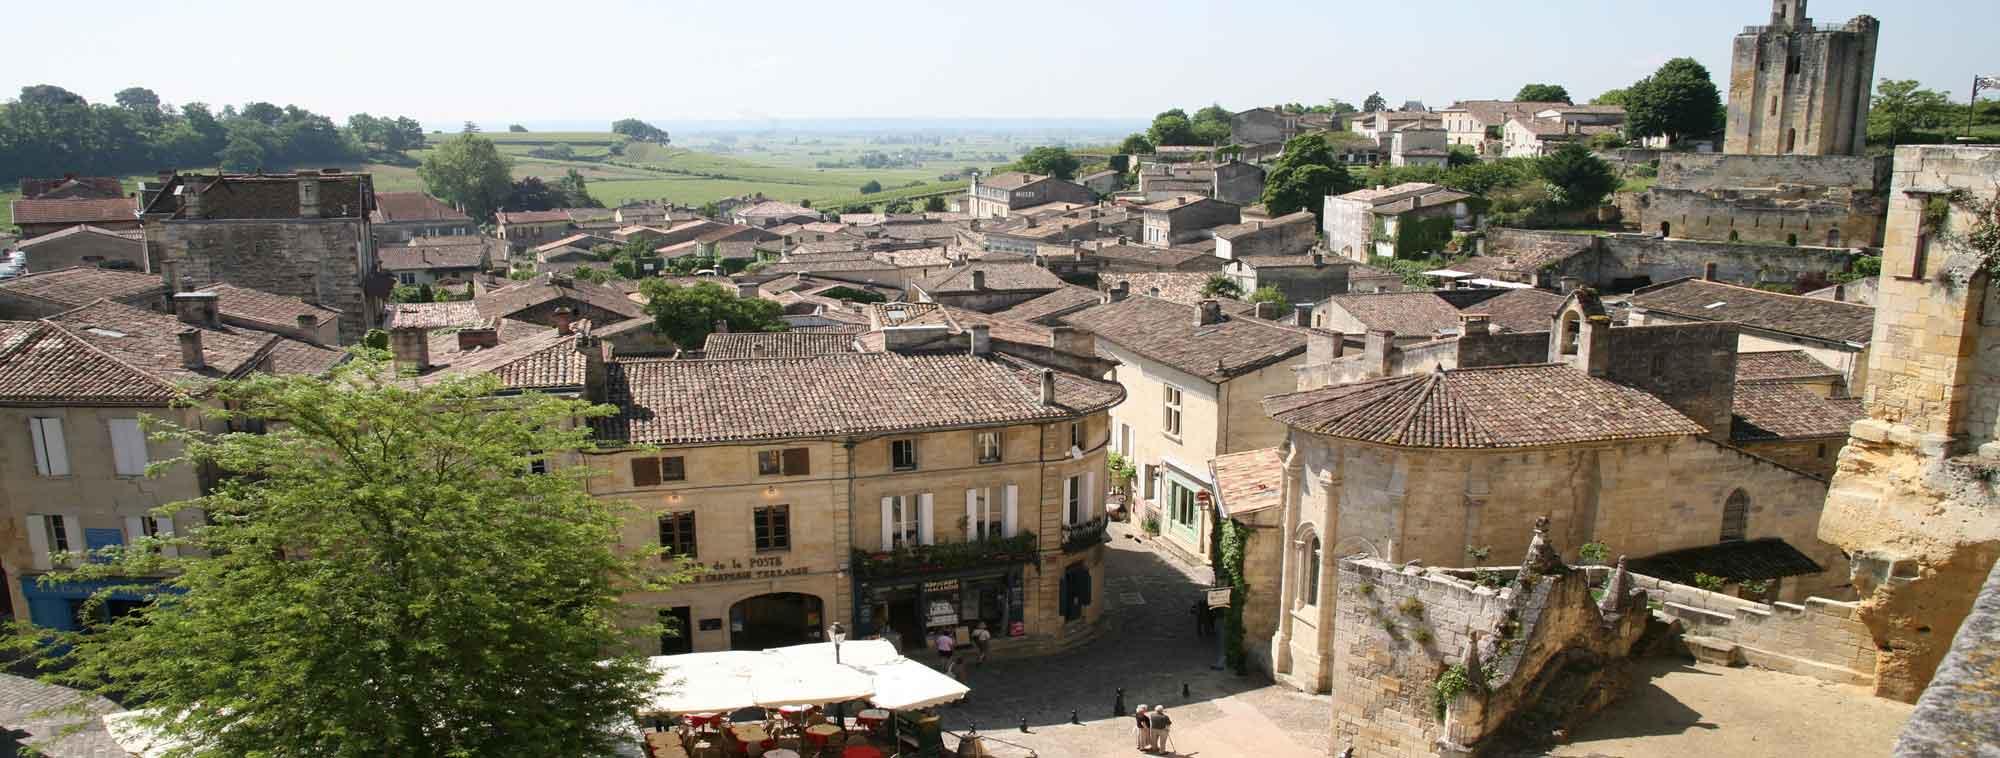 Visite de saint emilion abbatiale de guitres croisi re for Le village du meuble bordeaux